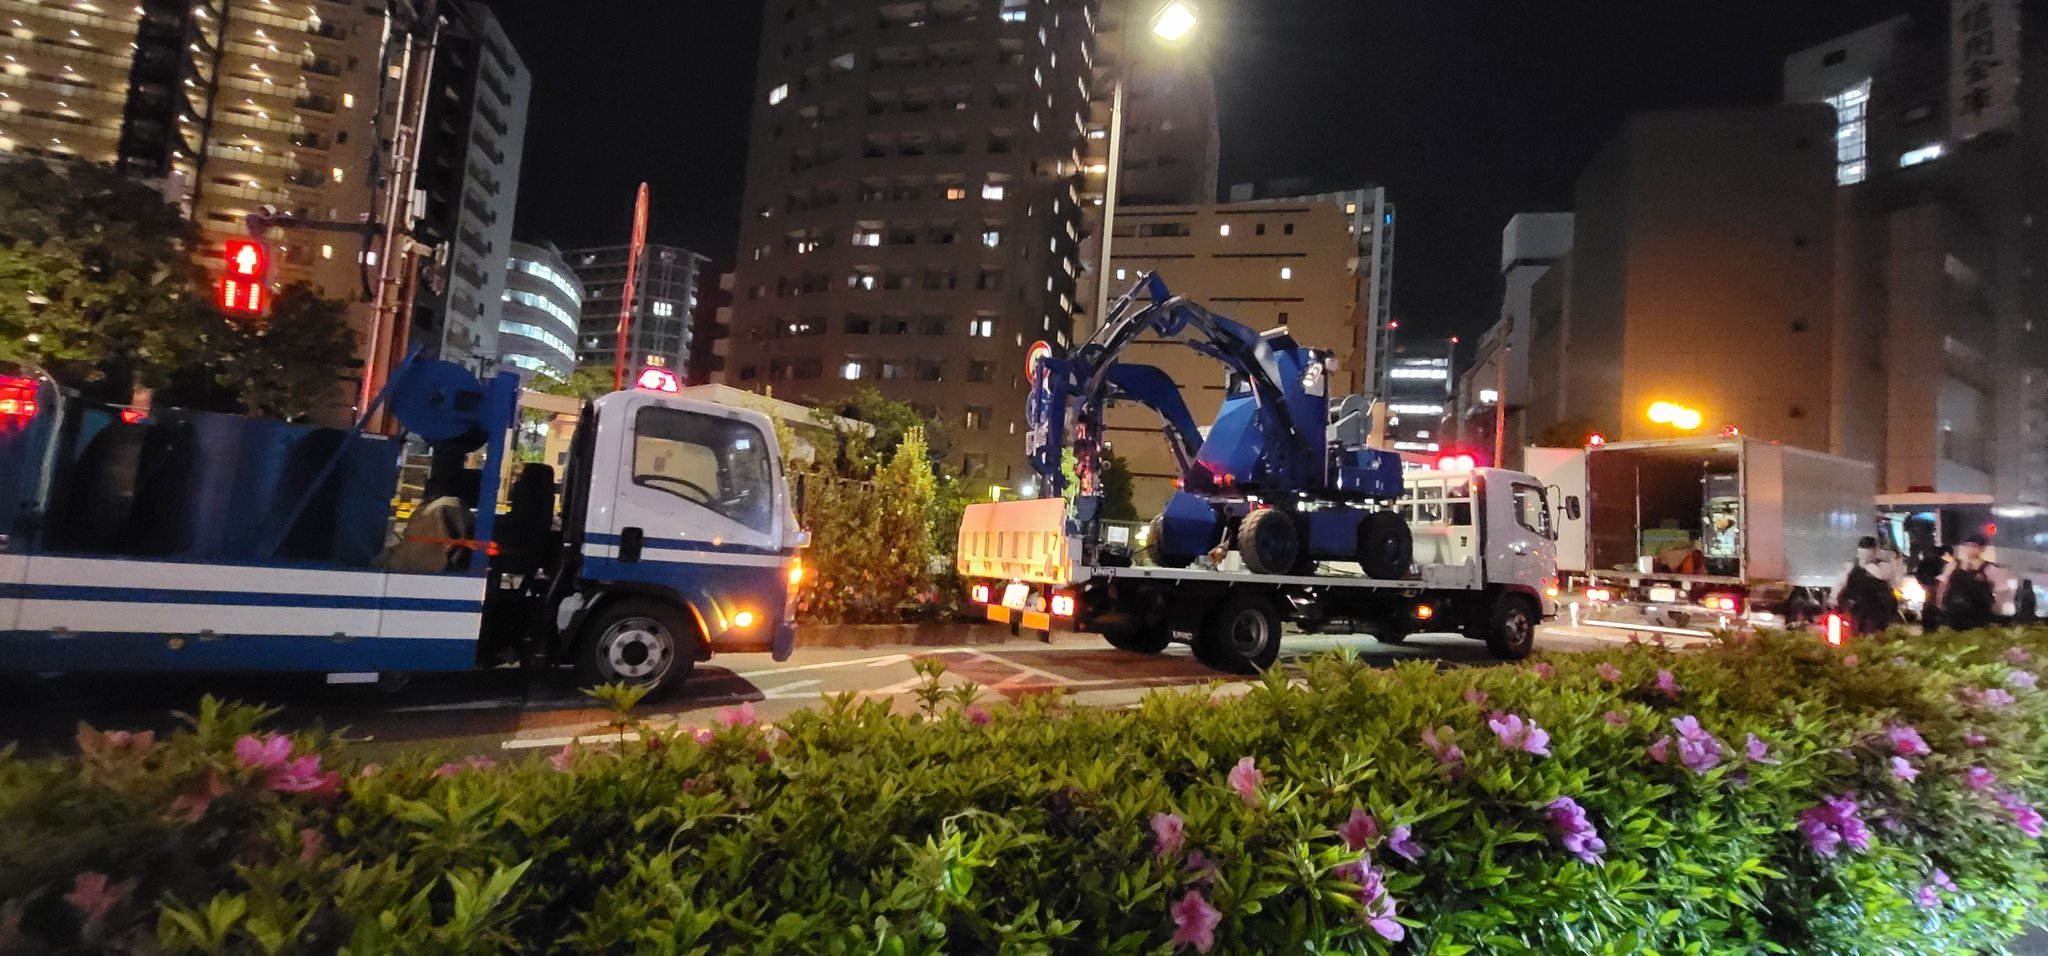 大田区の不審物事案で爆発物処理班が駆けつけるいる画像